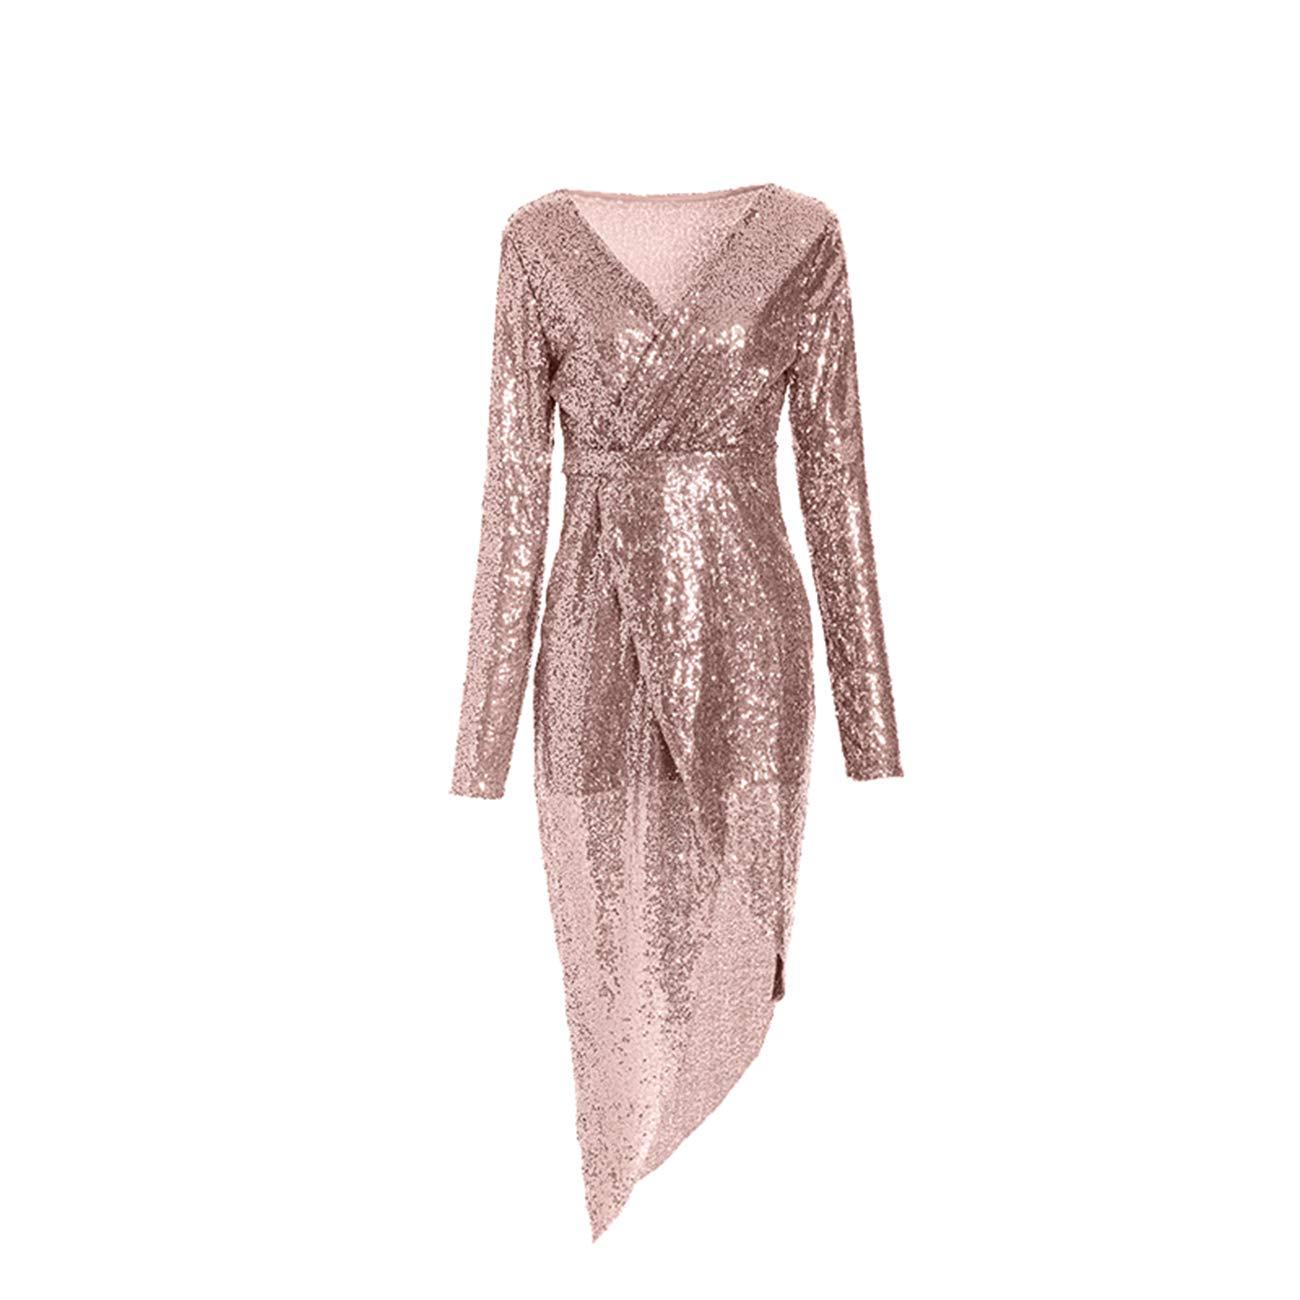 DaiWeiDress Femmes Robe /à col V et Paillettes Brillantes Manches Longues Moulante Haute Fente Robe de soir/ée